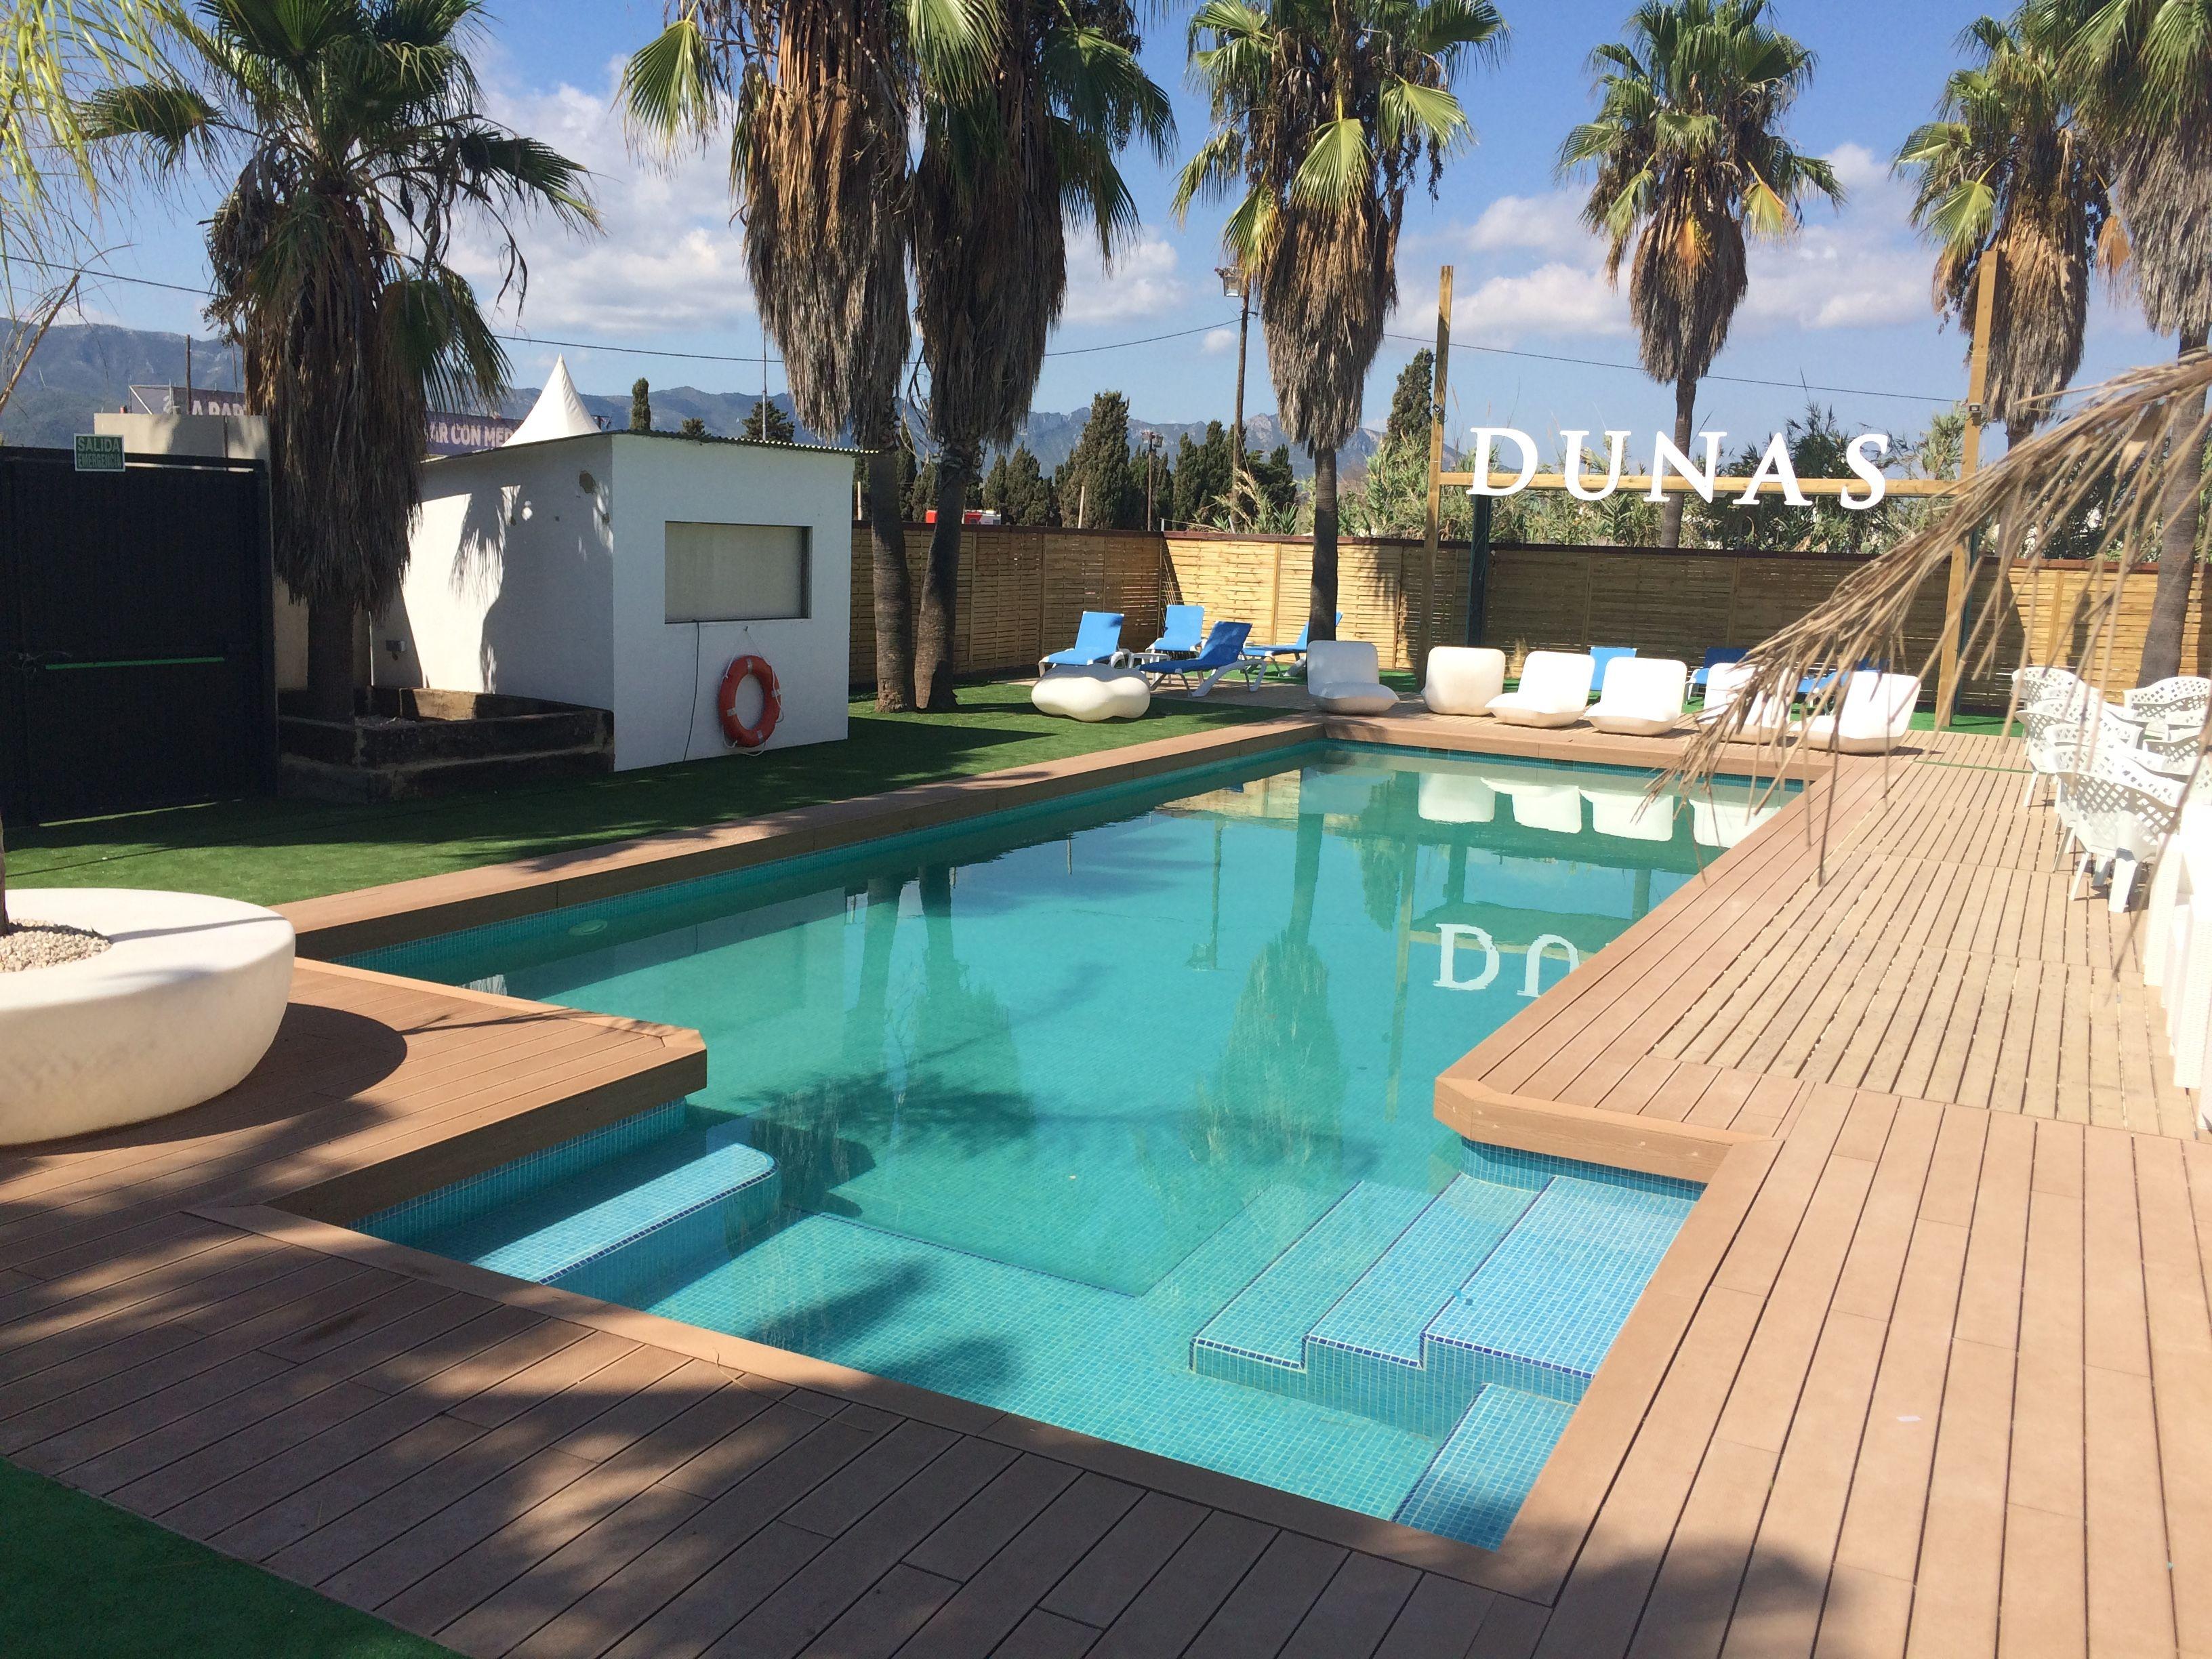 Piscina de hormig n empresa valenciana especializada en for Construccion de piscinas temperadas